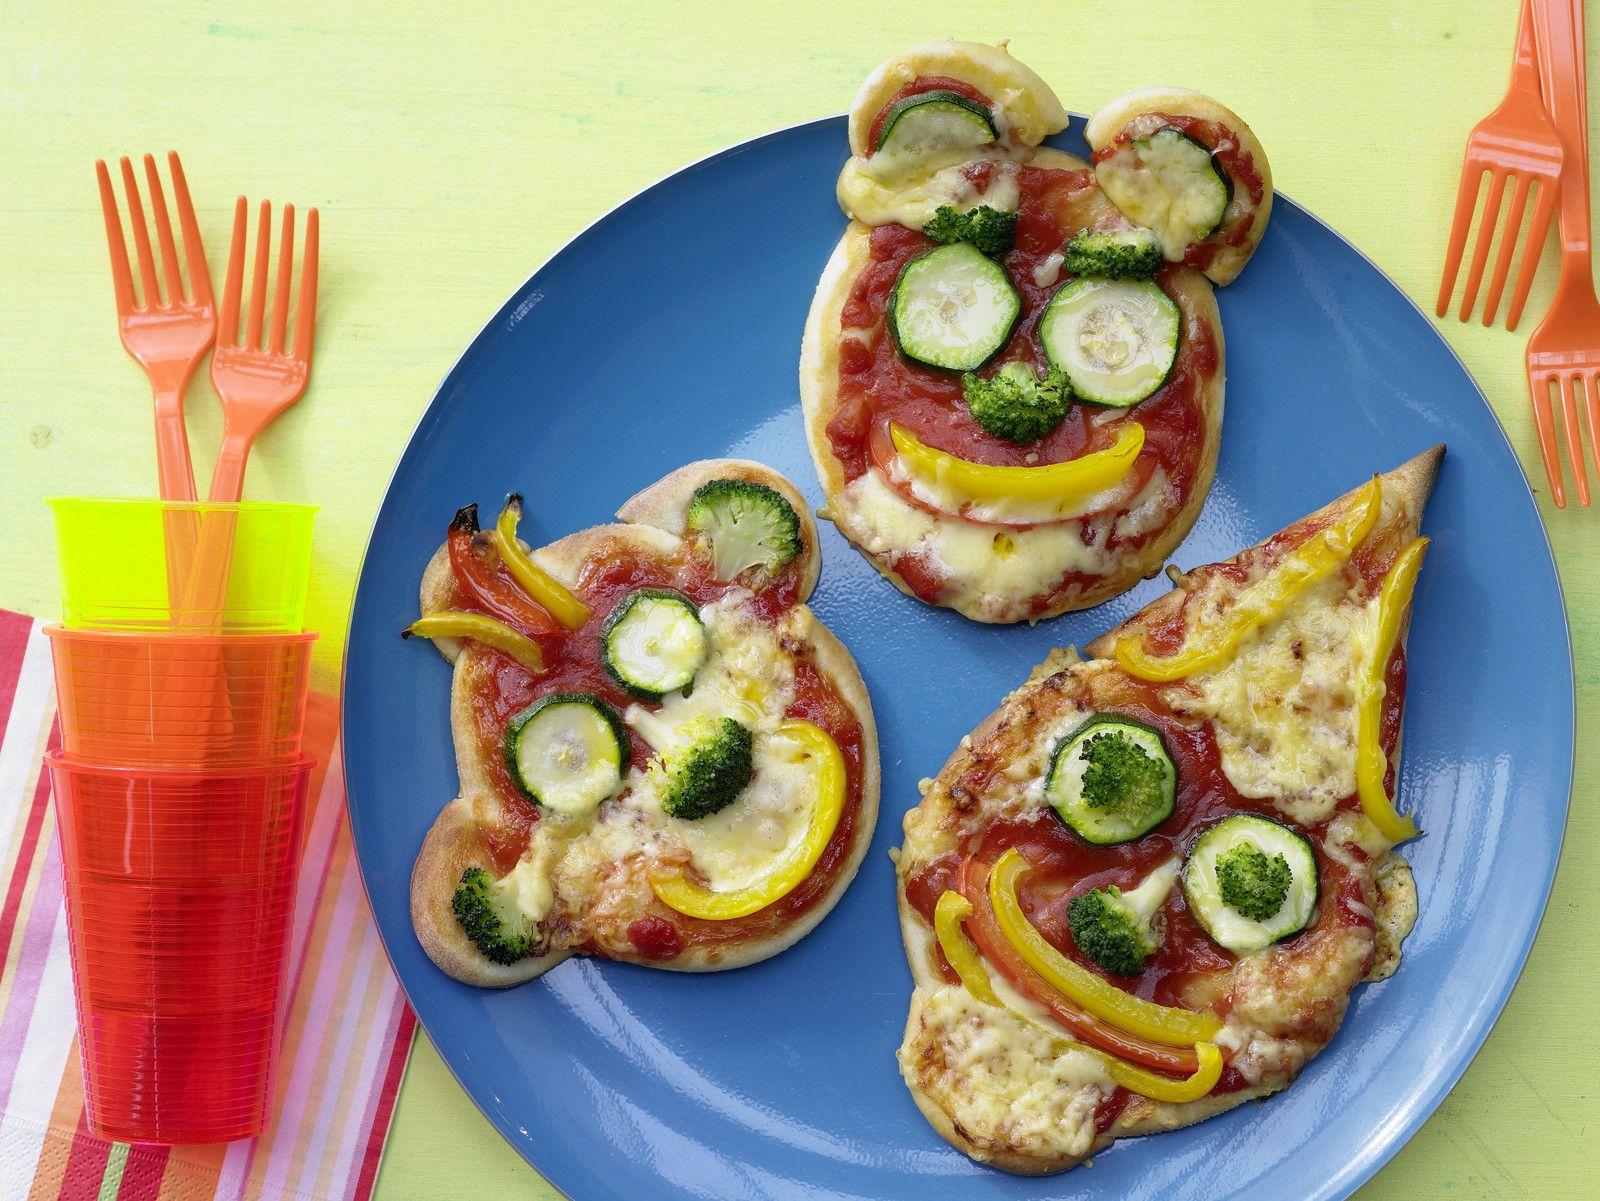 kochbuch: die besten kinderrezepte | eat smarter - Küche Für Kleinkinder